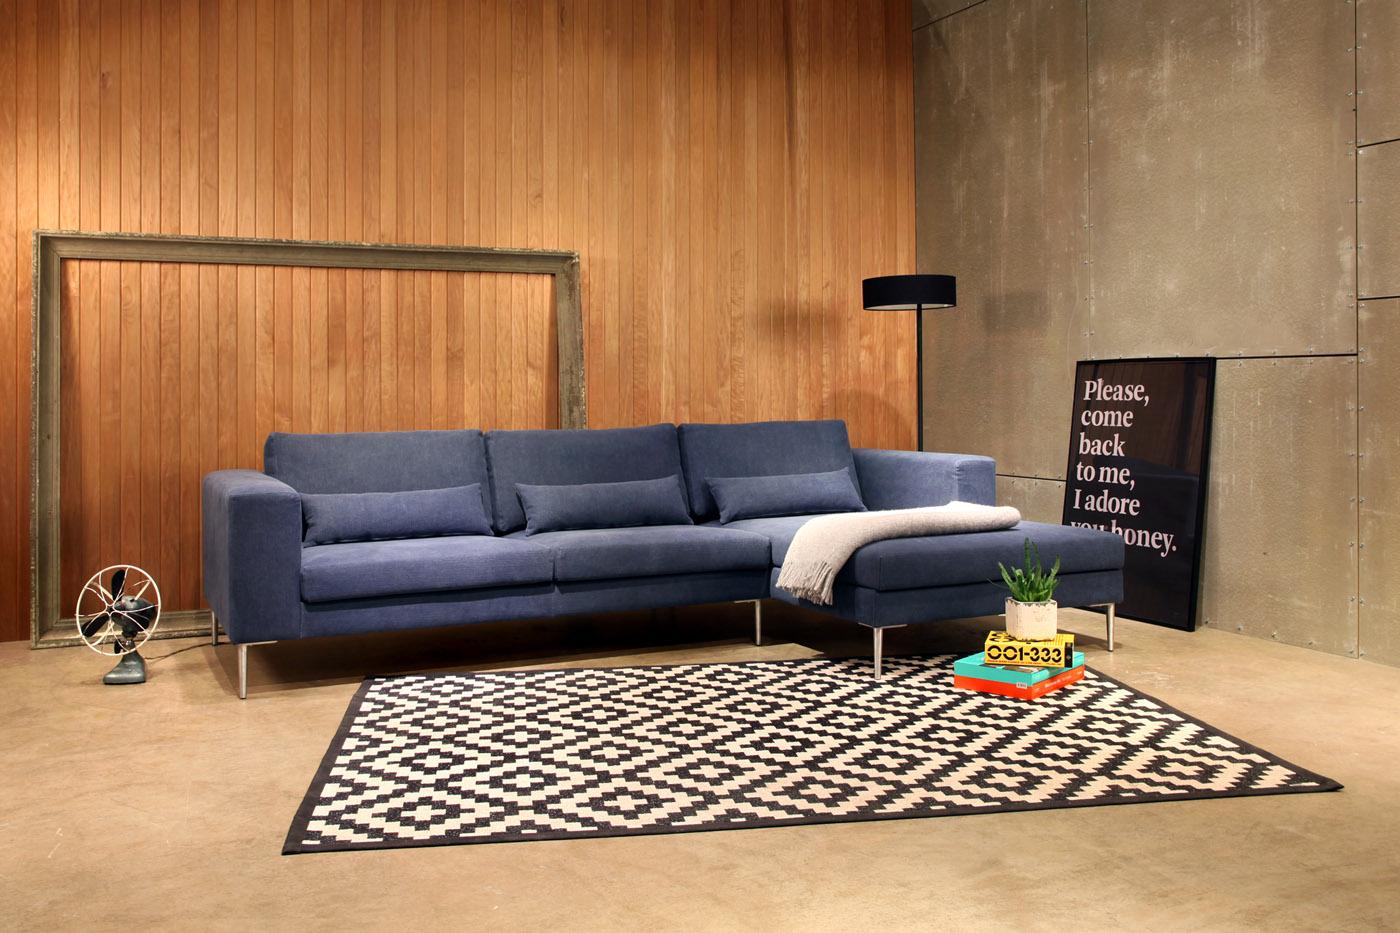 FREND-interior-1400-oot-oot-studio mugav diivan